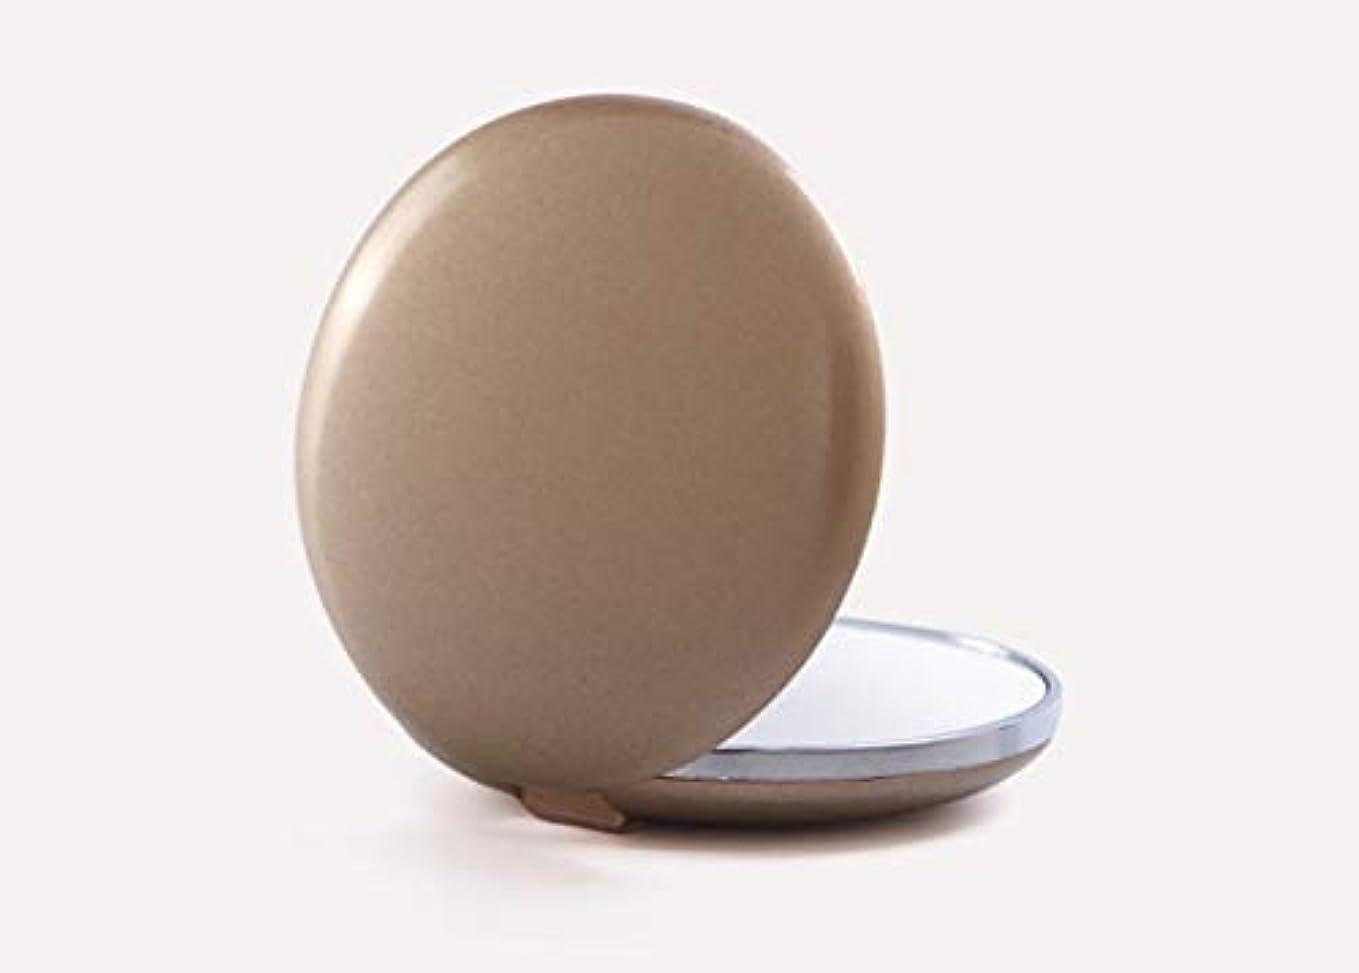 と遊ぶラグ薄汚い化粧鏡、ブラウンテクスチャアップグレード化粧鏡化粧鏡化粧ギフト